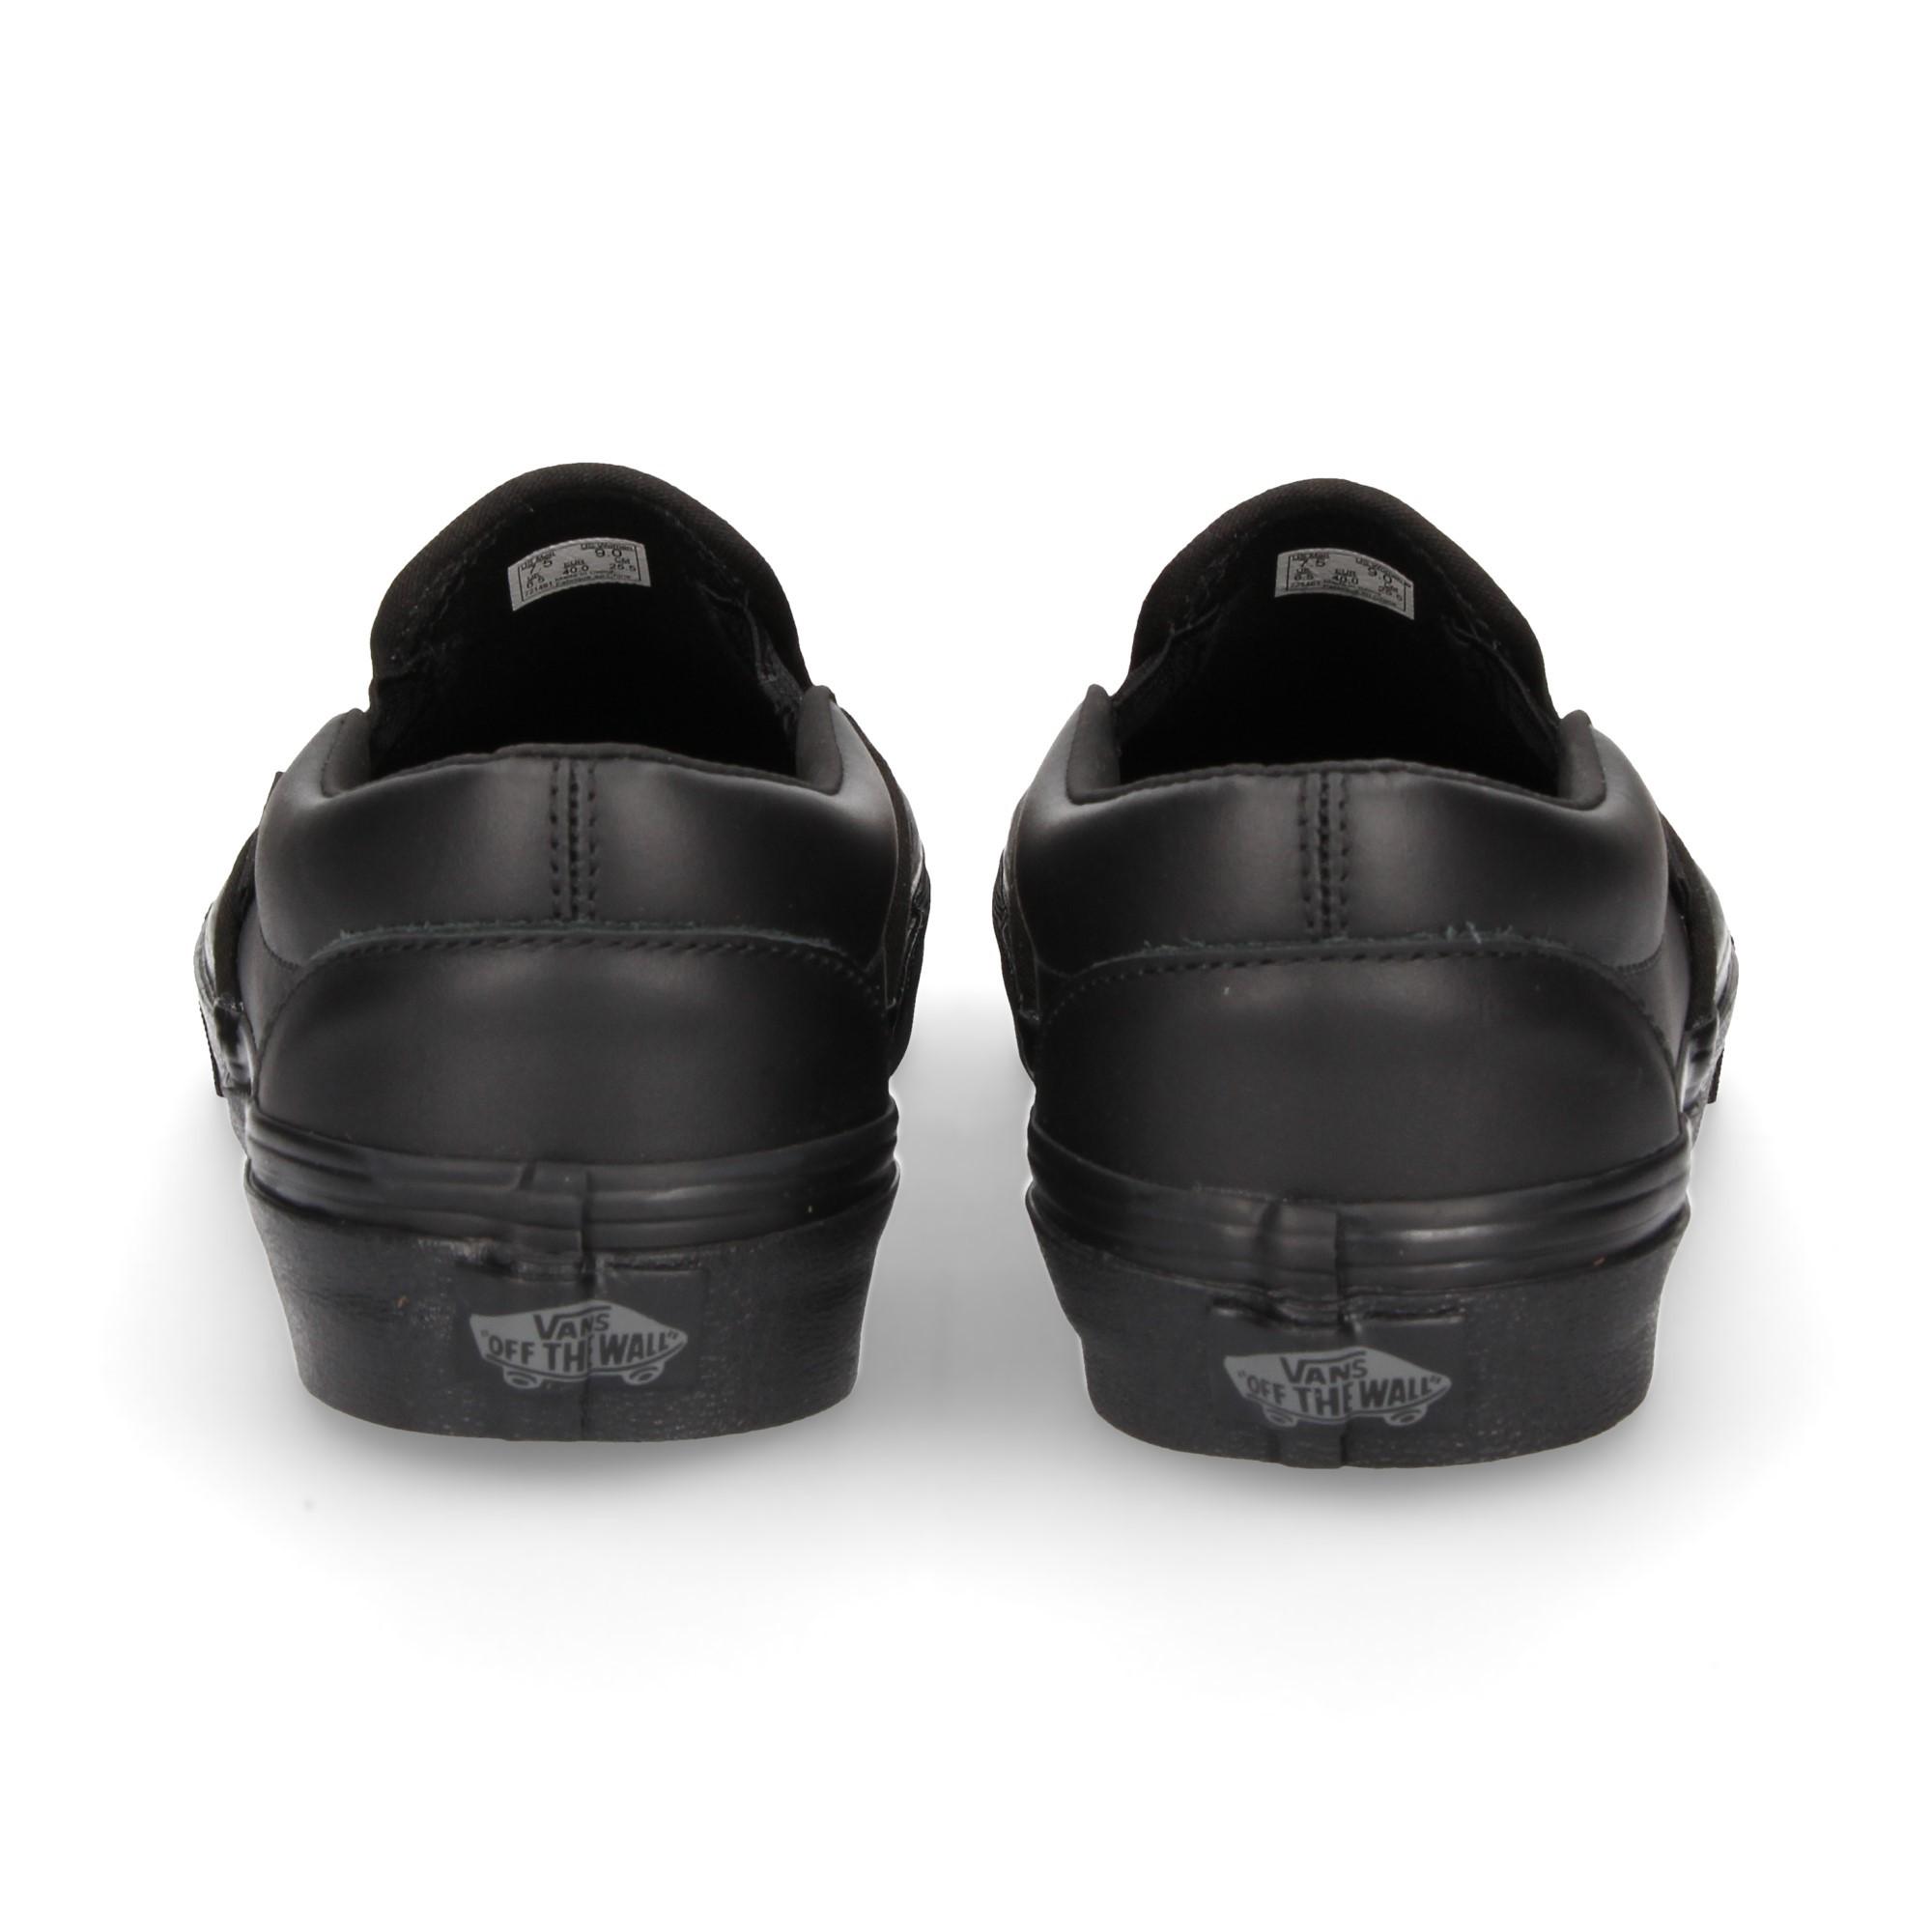 deportivo-sin-cordones-piel-negro